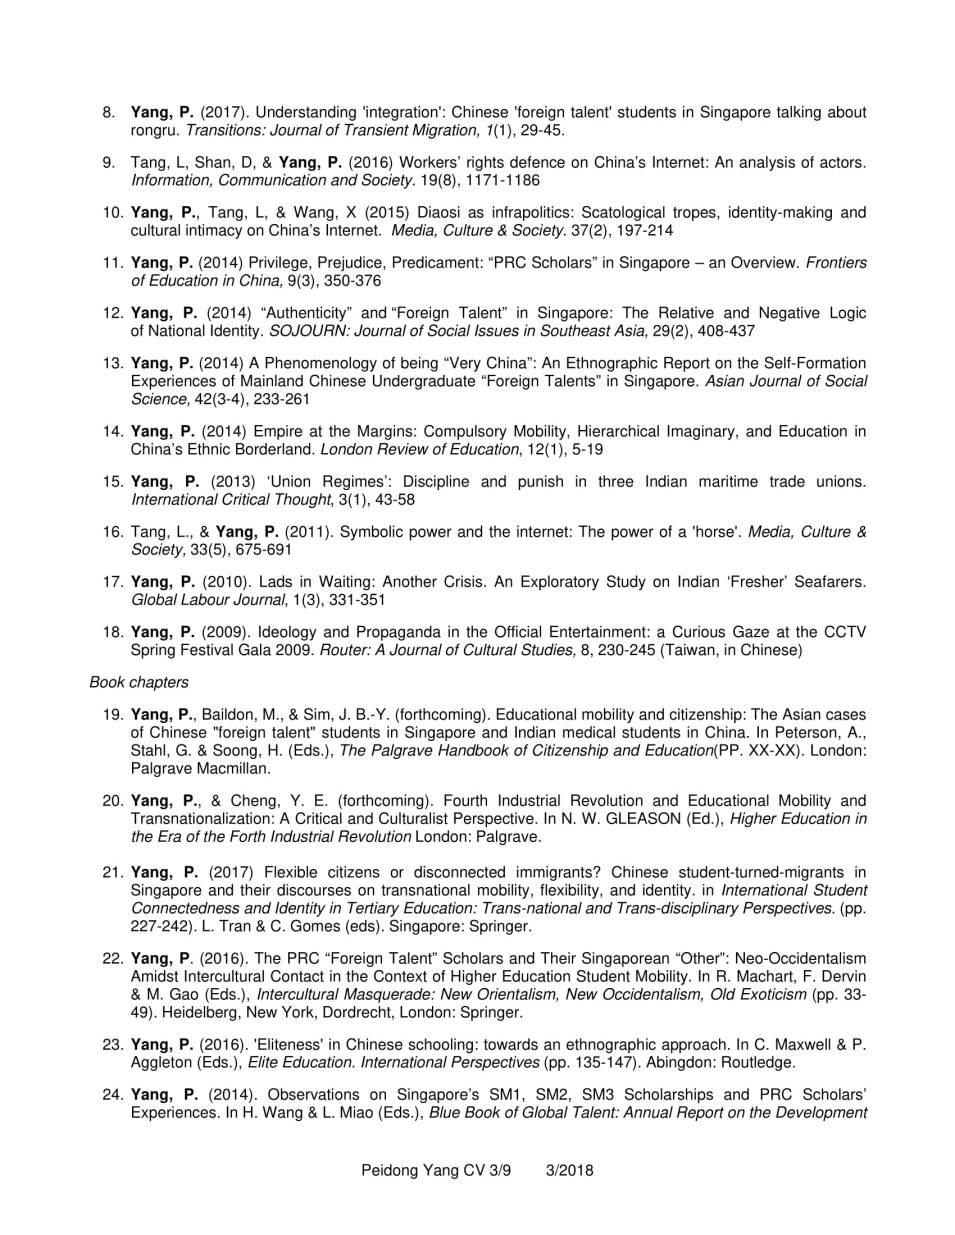 CV YANG Peidong_3.2018-3